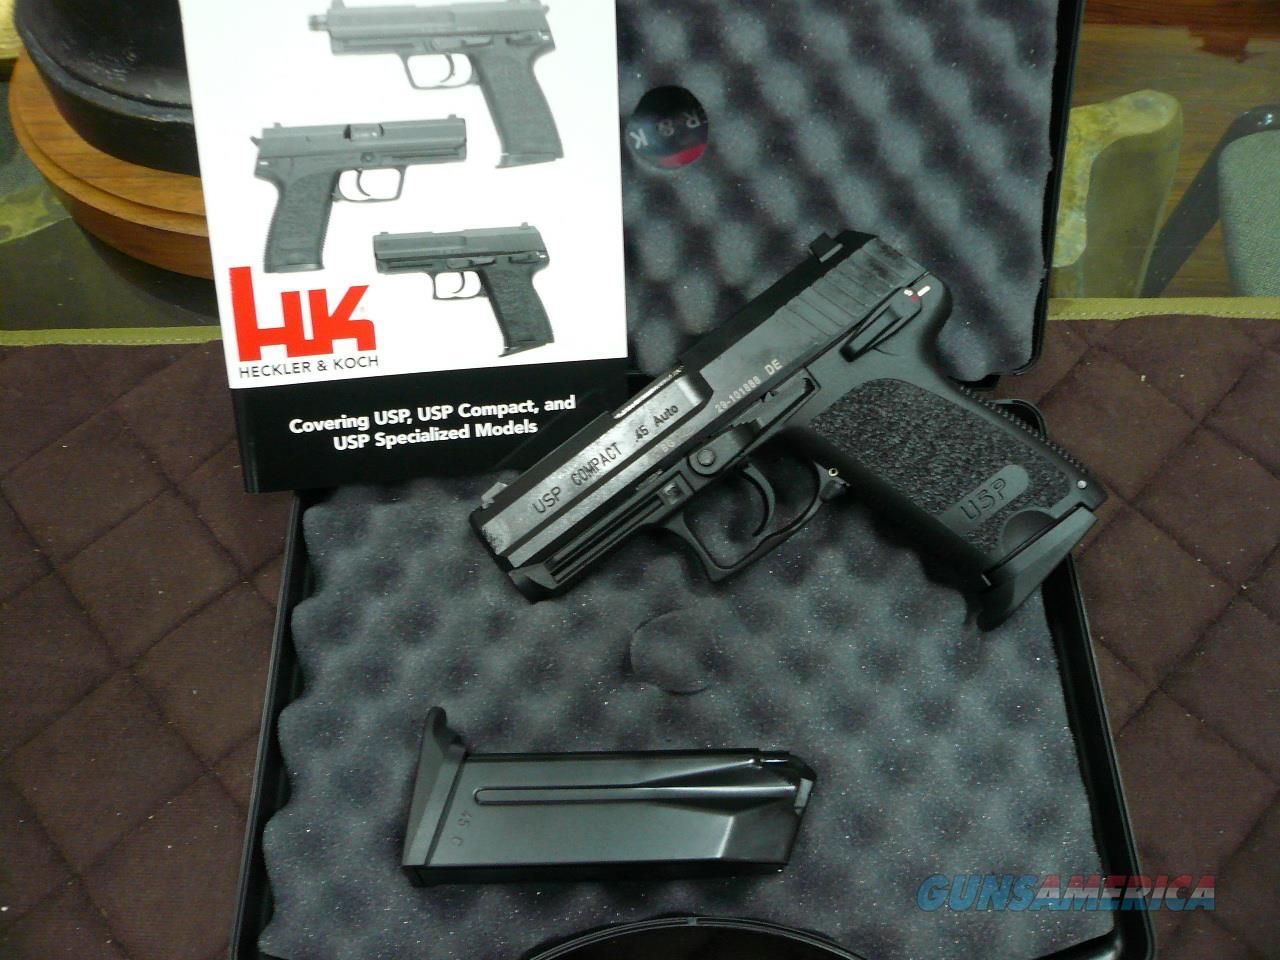 USP-COMPACT V1 45ACP,NIB  Guns > Pistols > Heckler & Koch Pistols > Polymer Frame